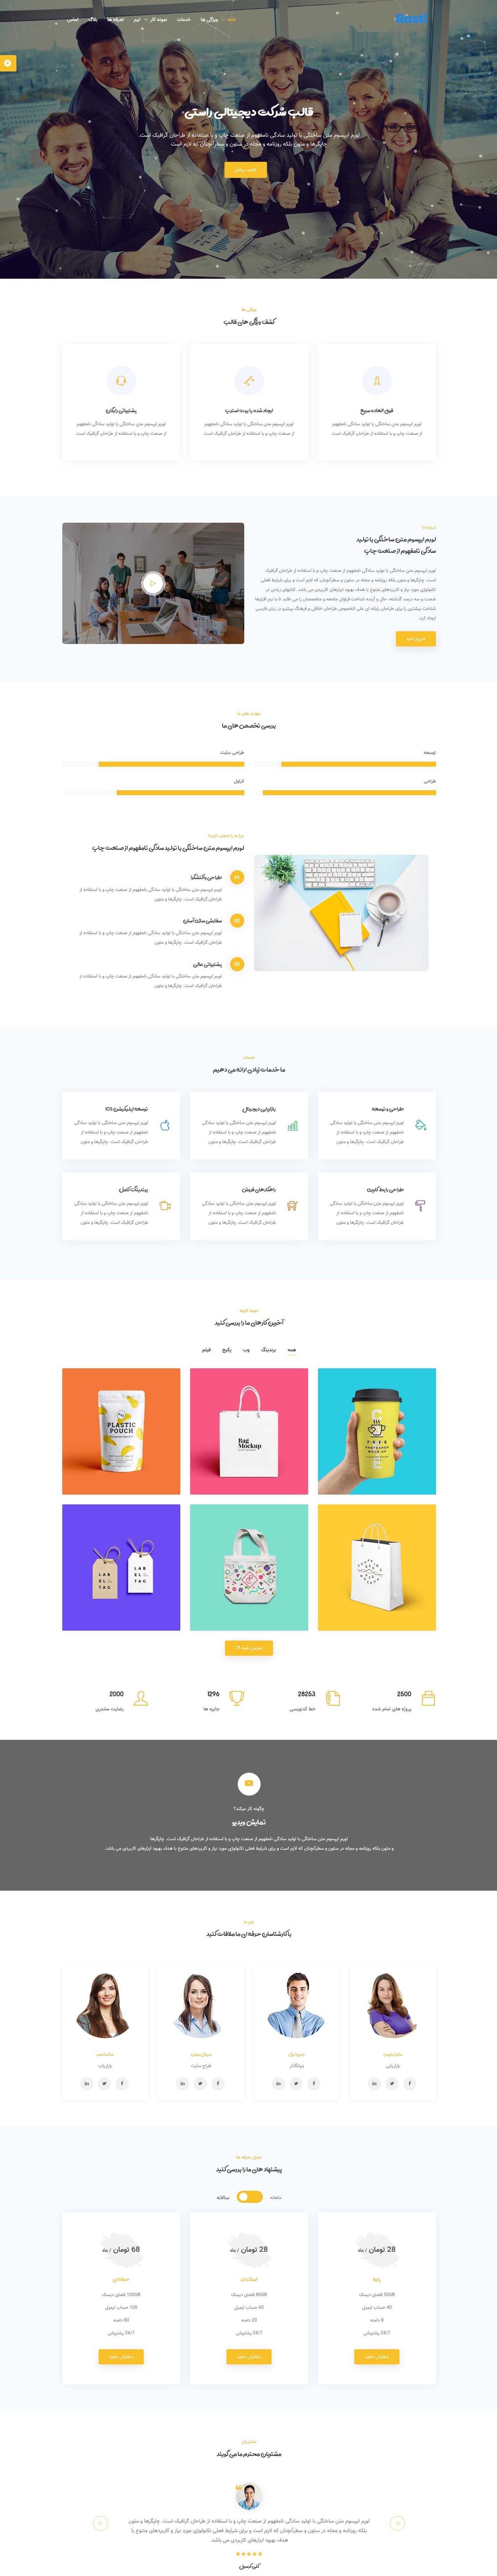 قالب تک صفحه ای Rasti پوسته HTML دیجیتال مارکتینگ